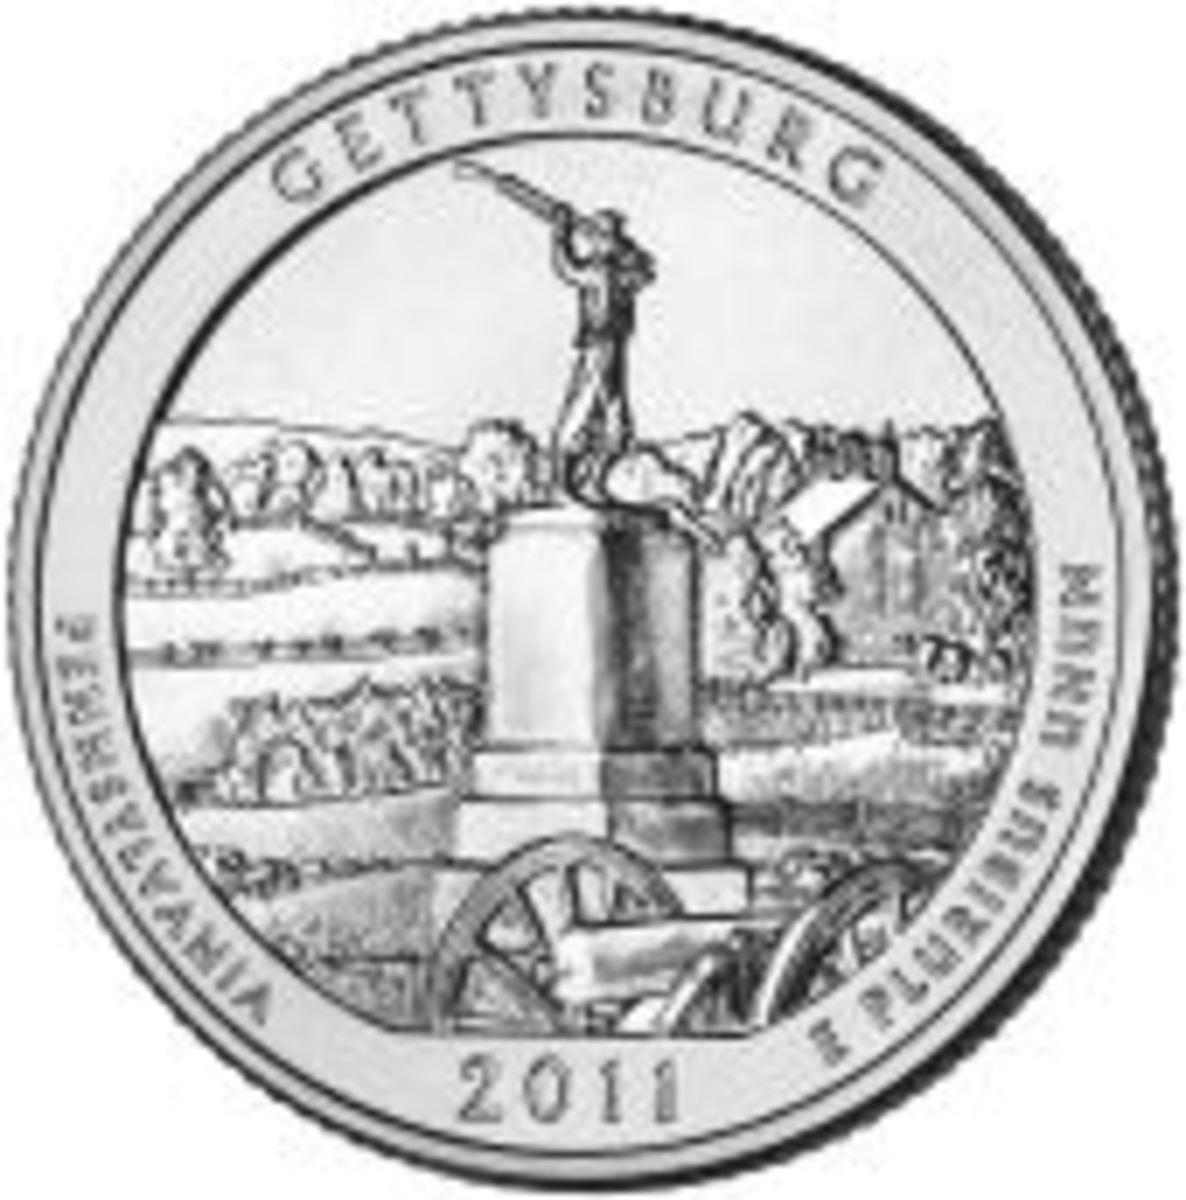 gettysburg170.jpg